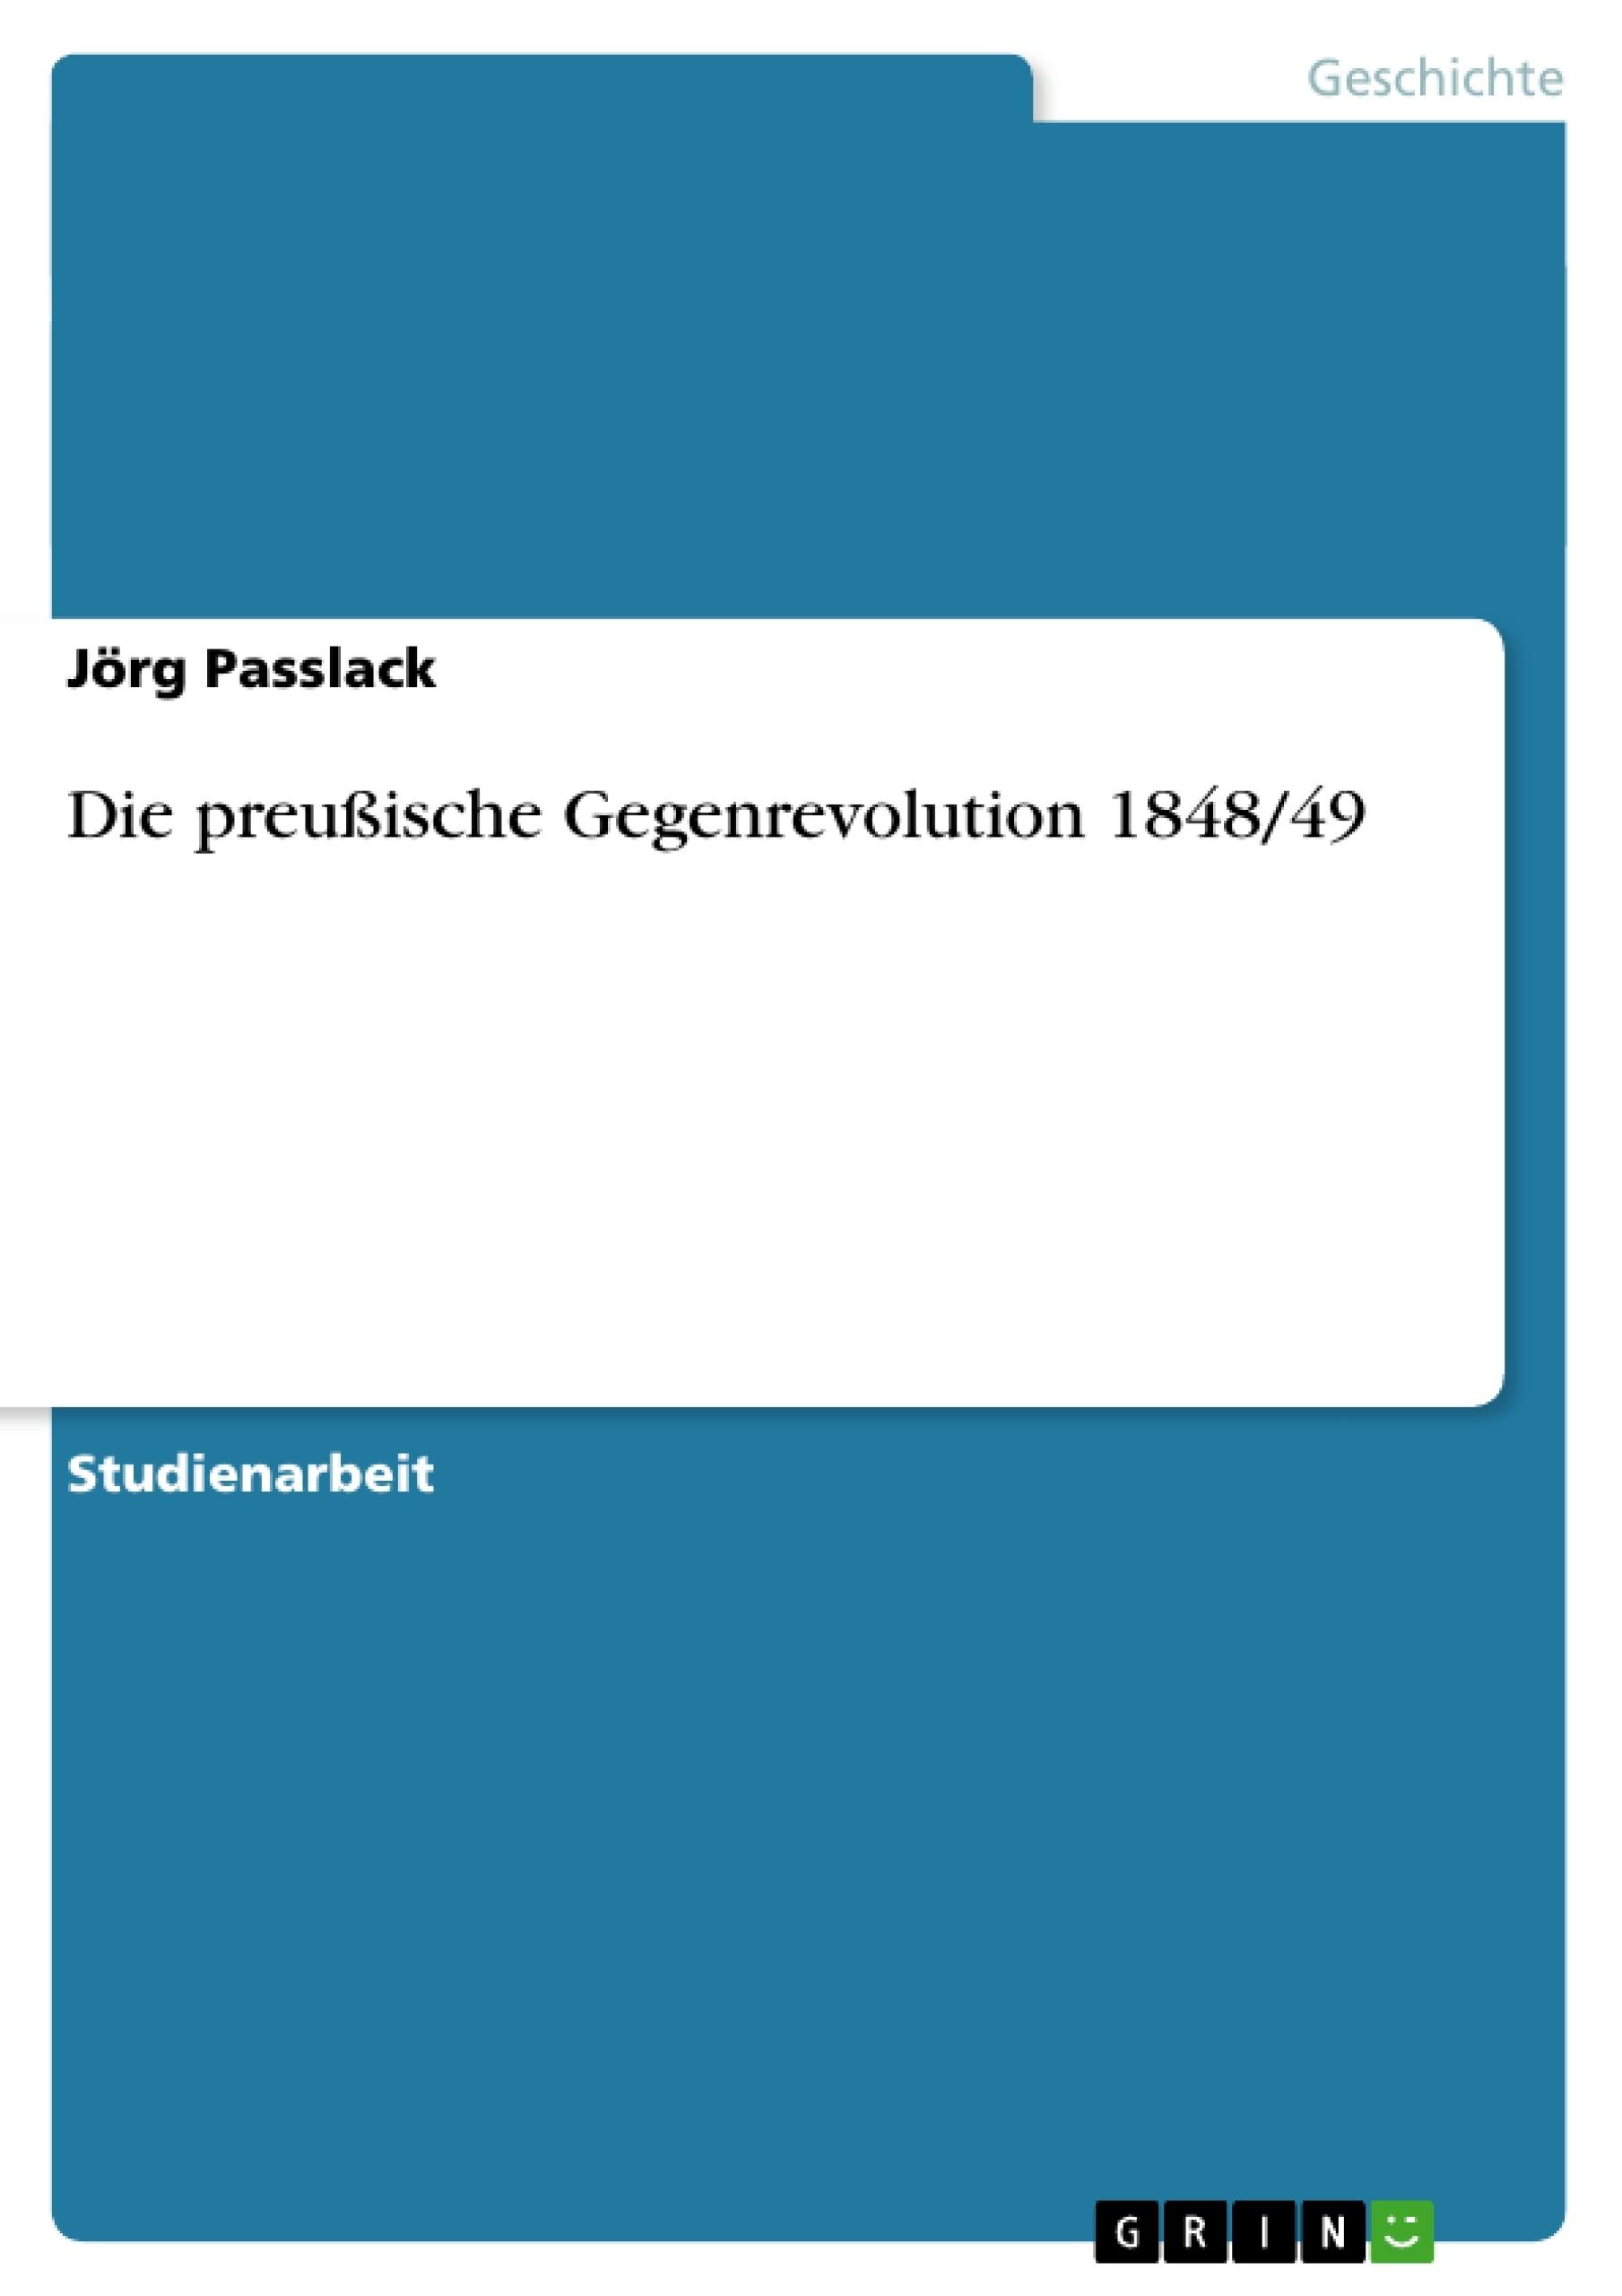 Titel: Die preußische Gegenrevolution 1848/49